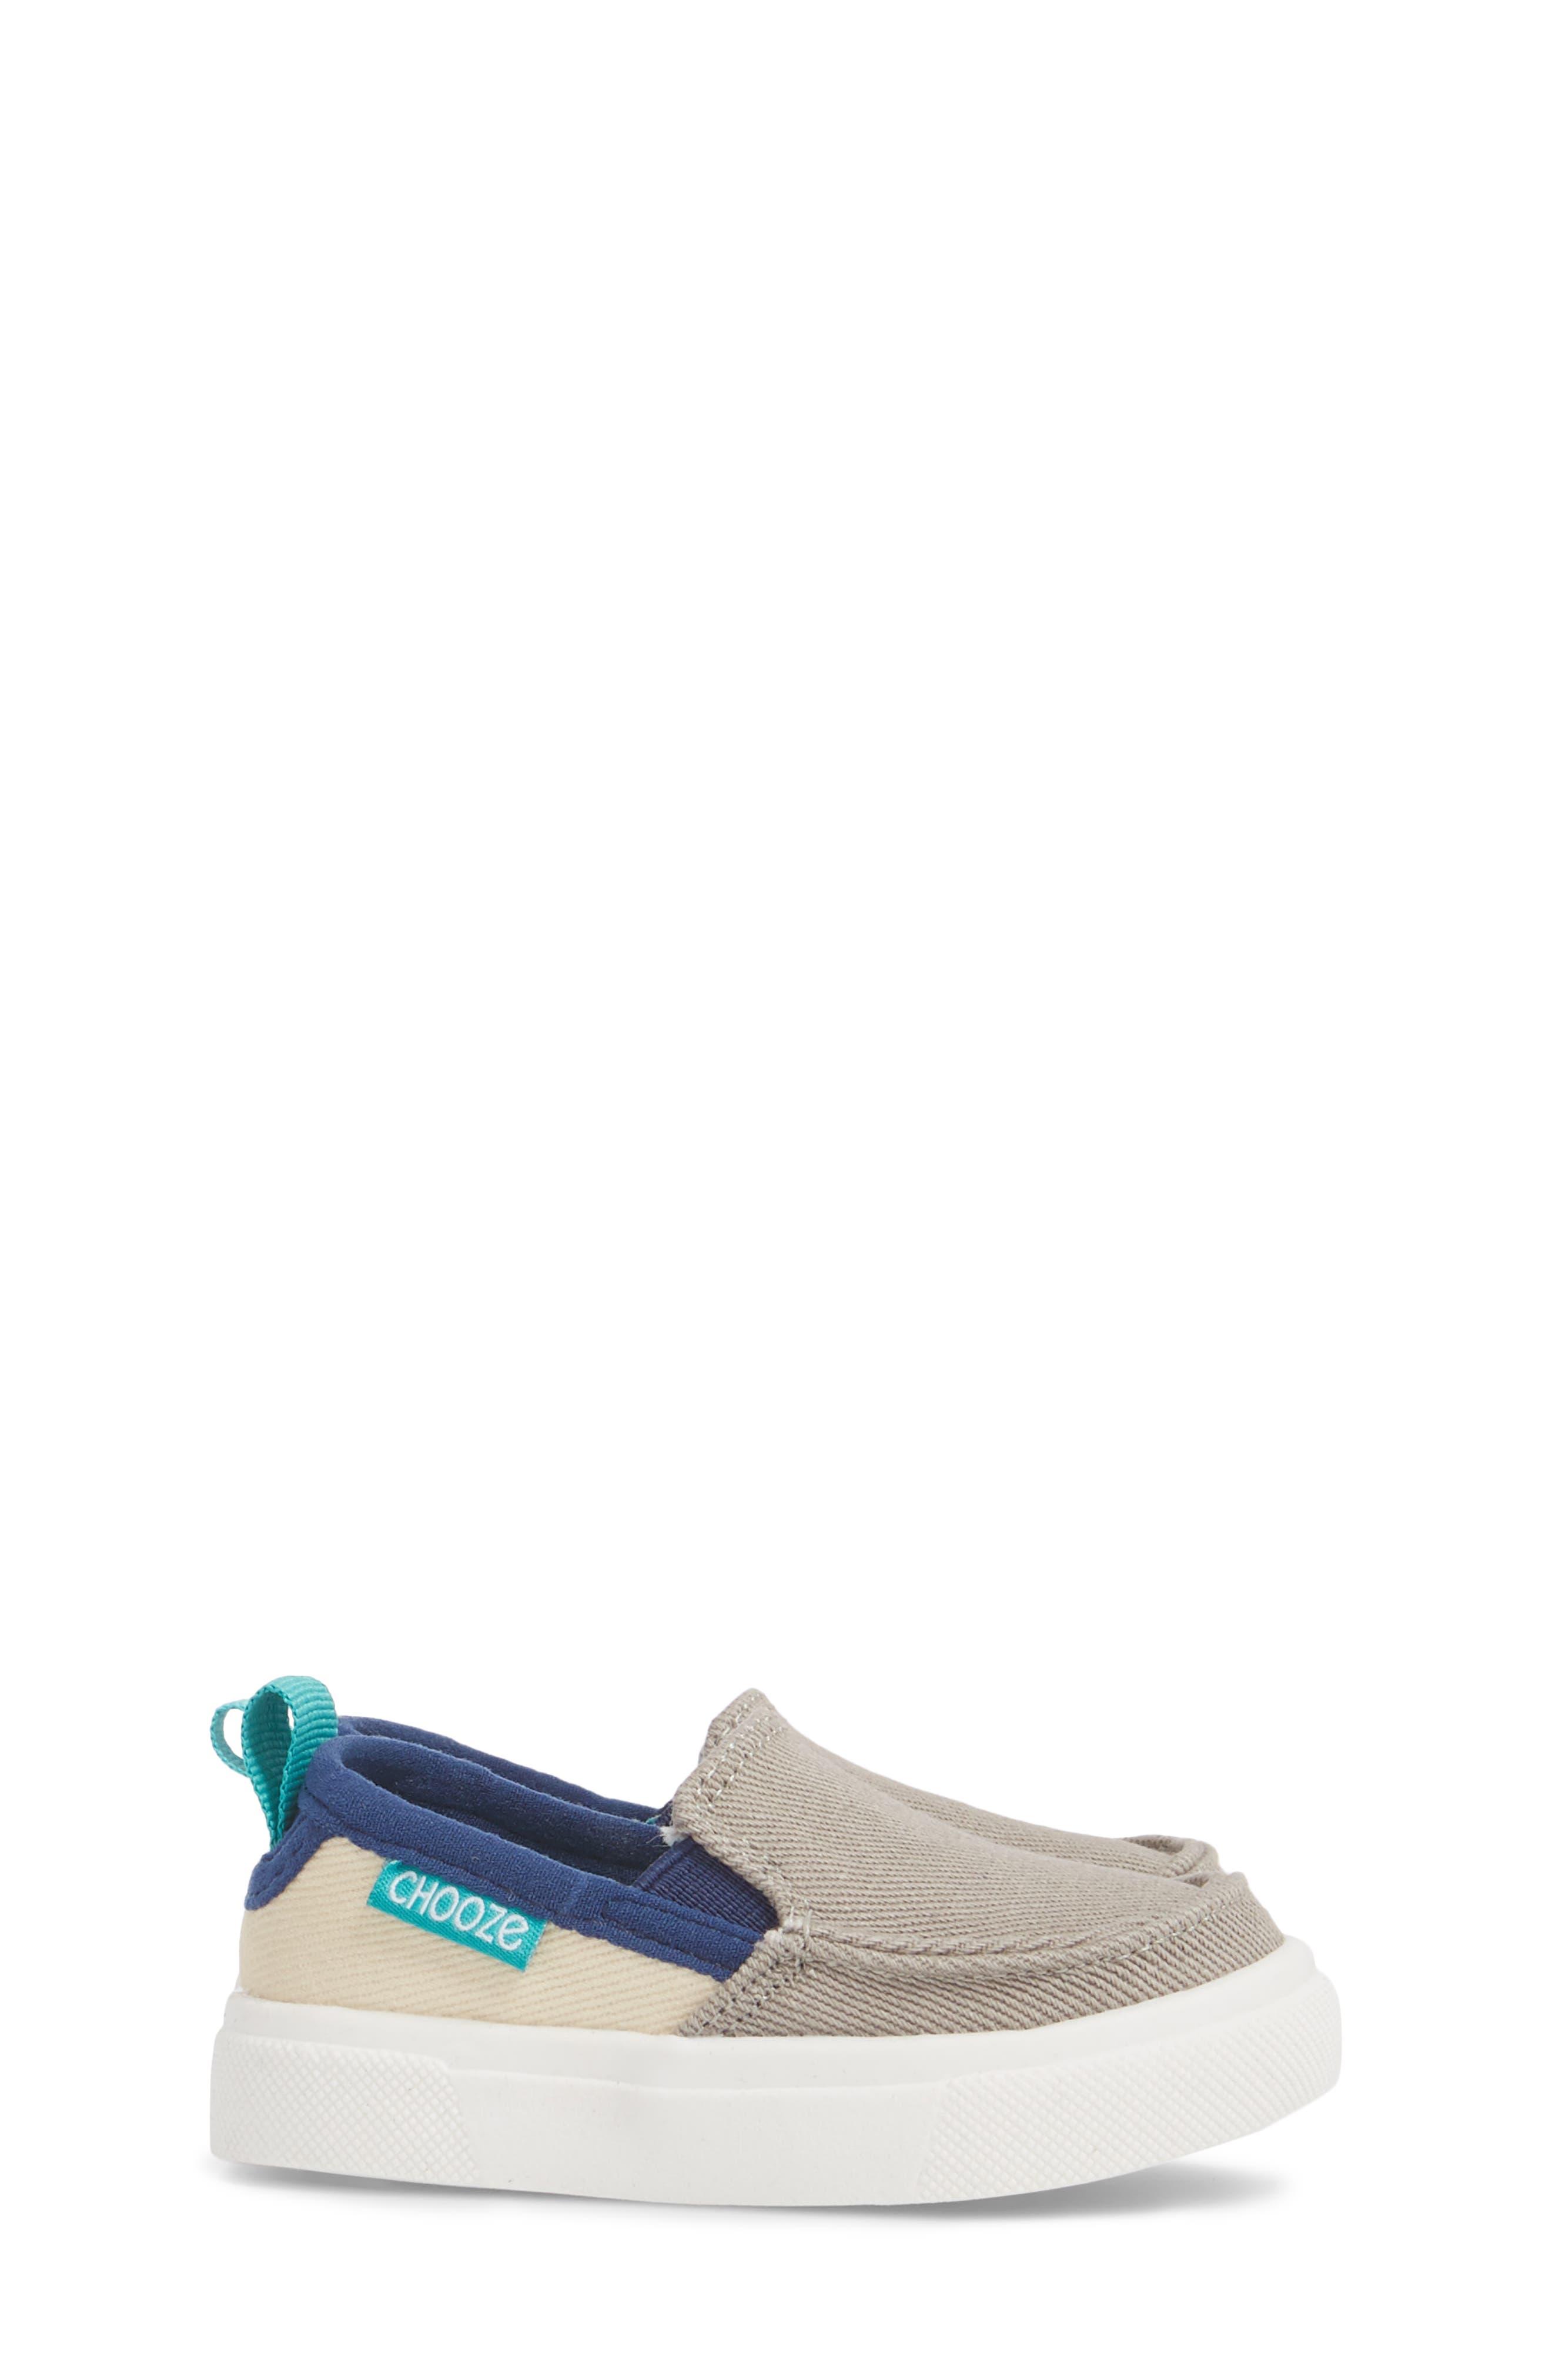 Roam Slip-On Sneaker,                             Alternate thumbnail 3, color,                             Earth